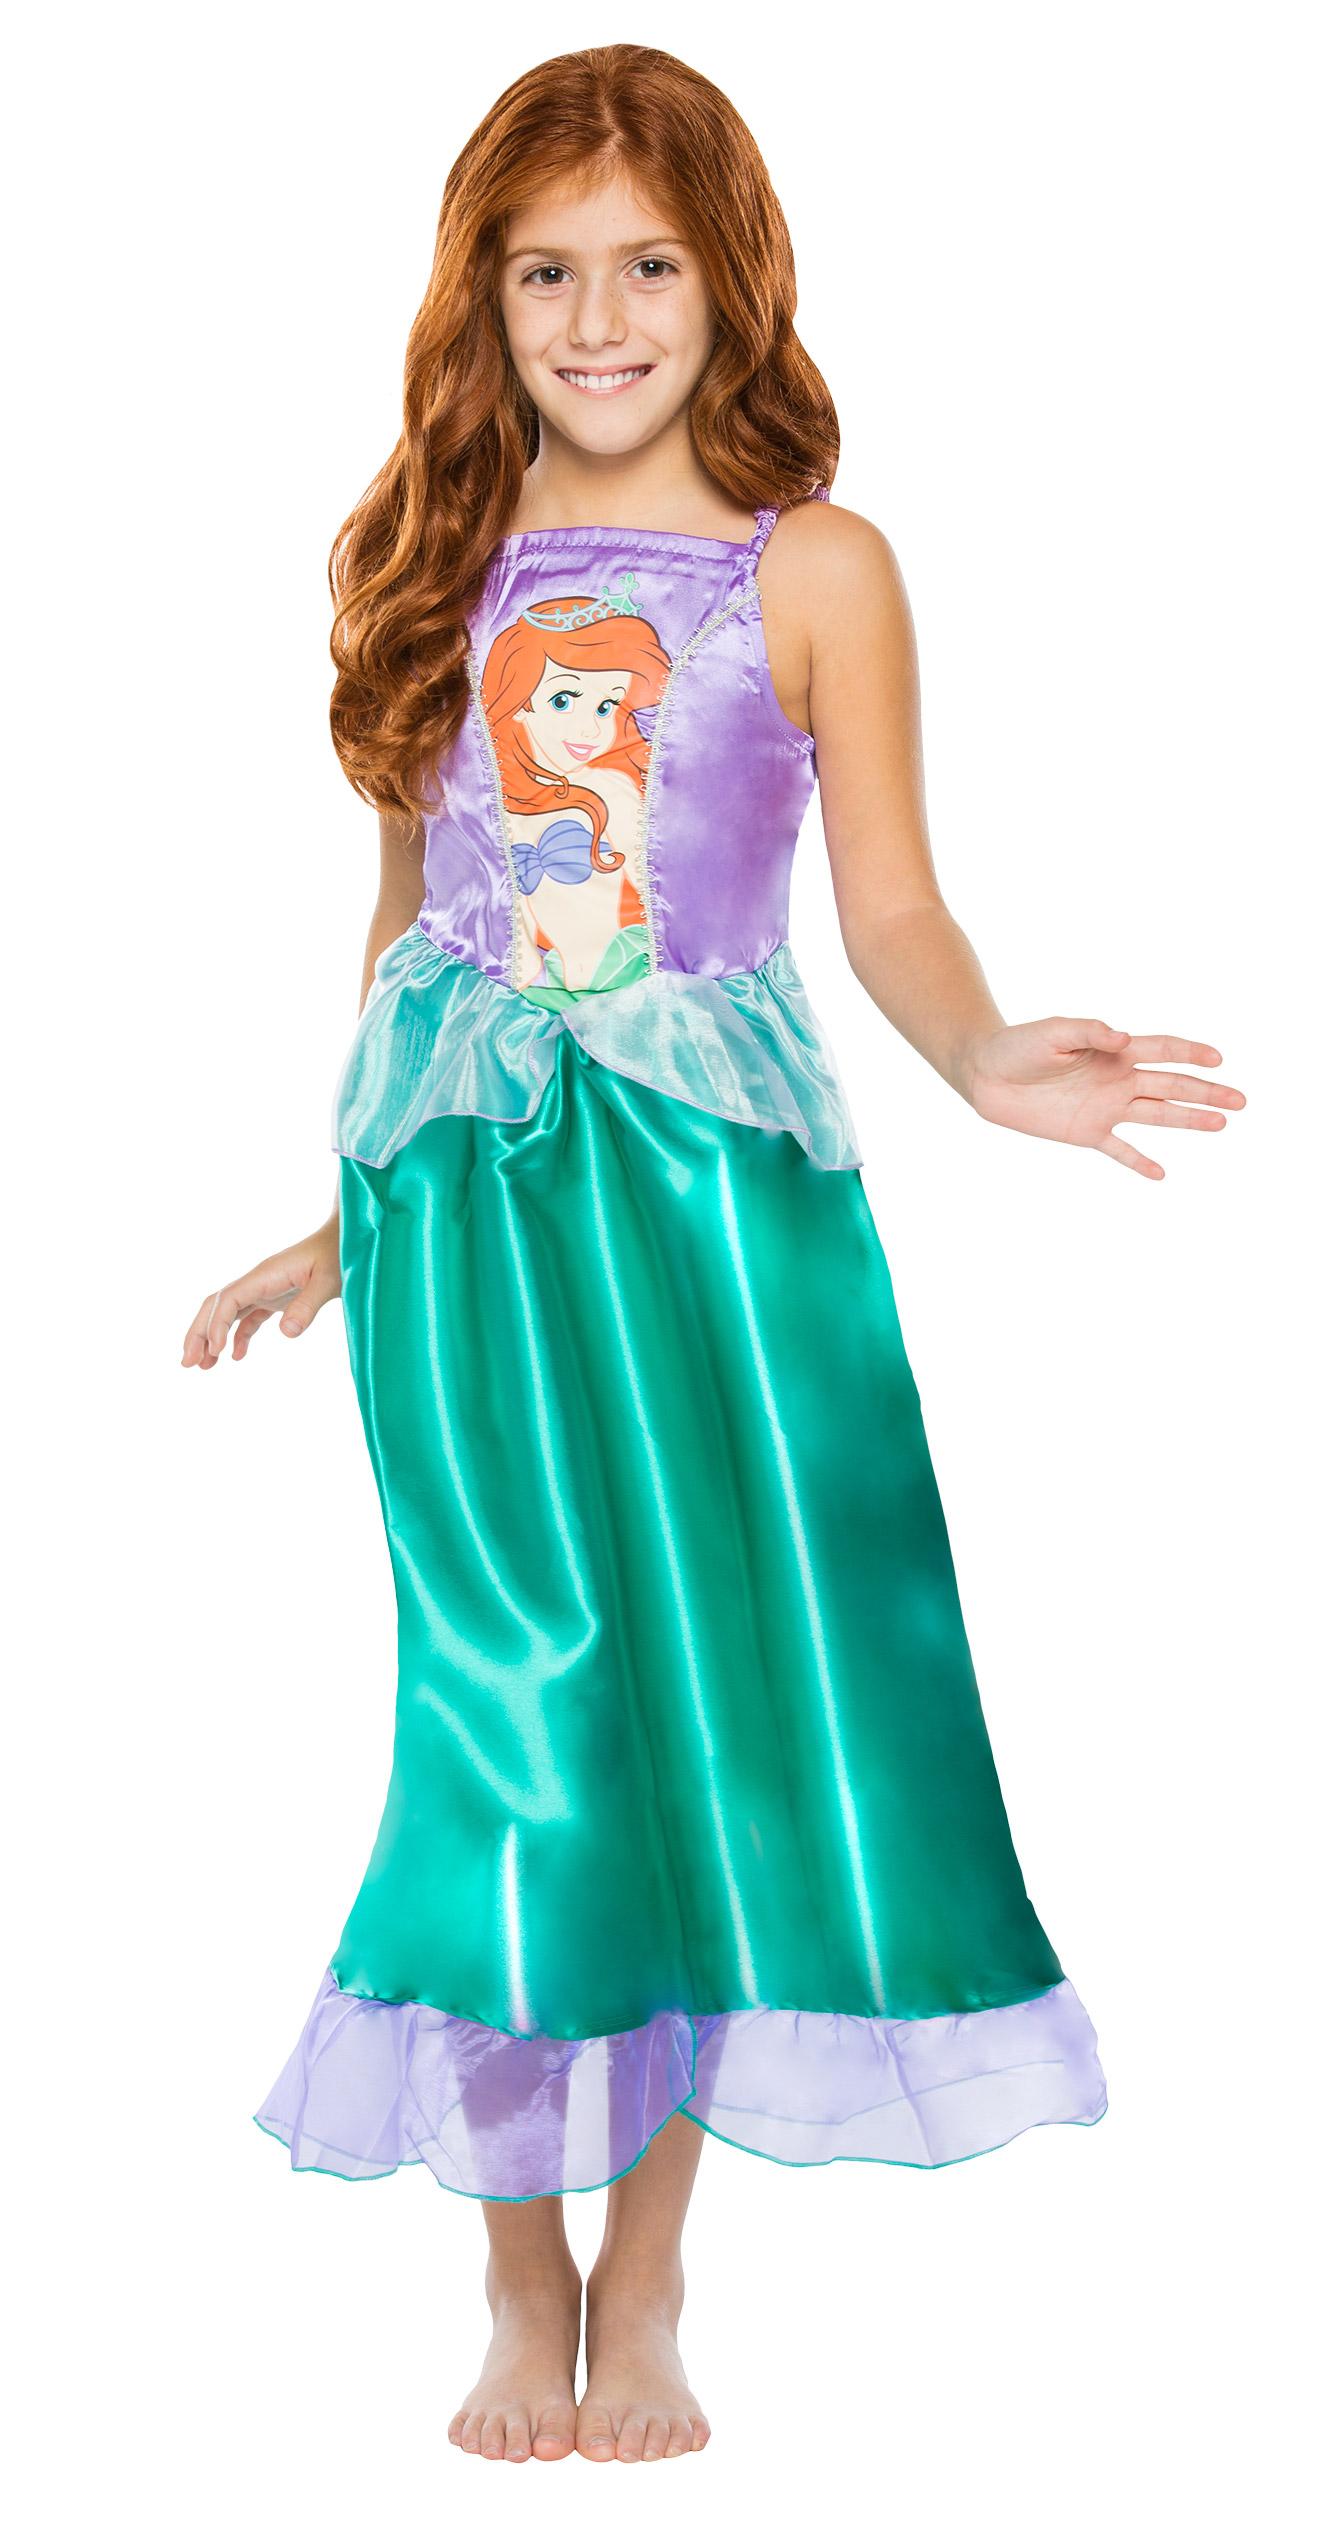 Disney Costume (Ages 2-3)